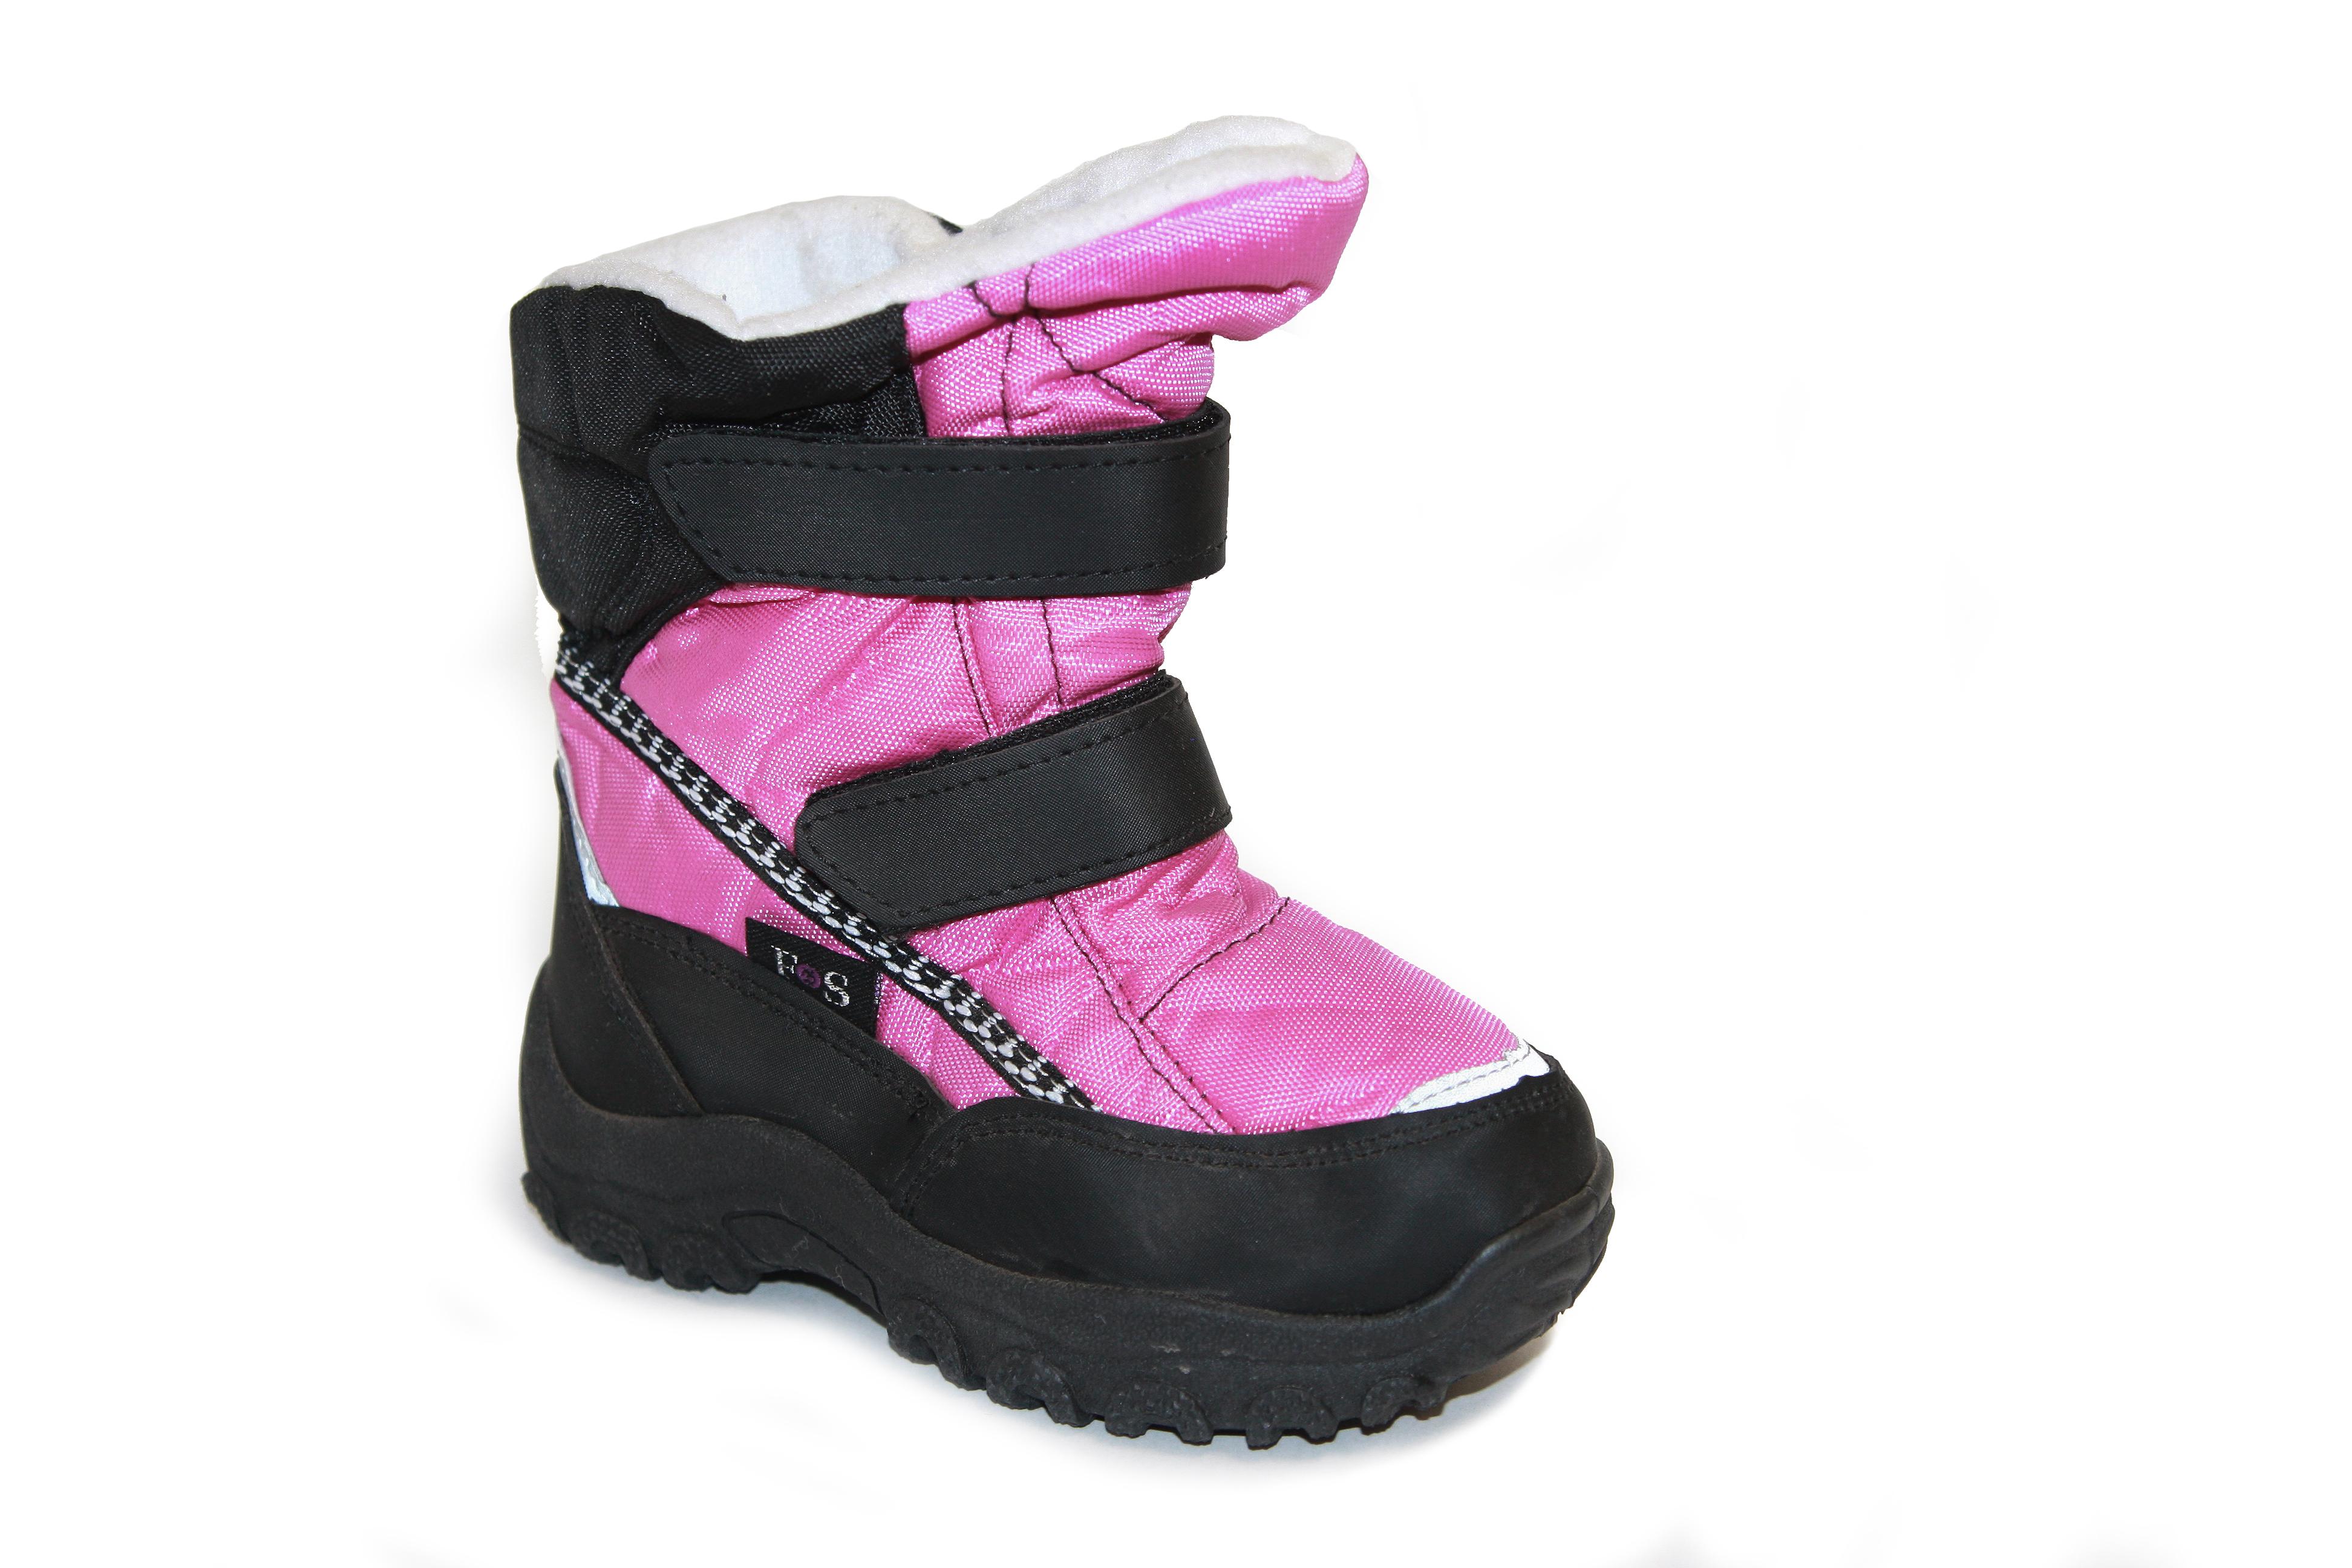 Раздачи. Обувь для детей, подростков и родителей! Дутики, кеды и школьная обувь по сладким ценам